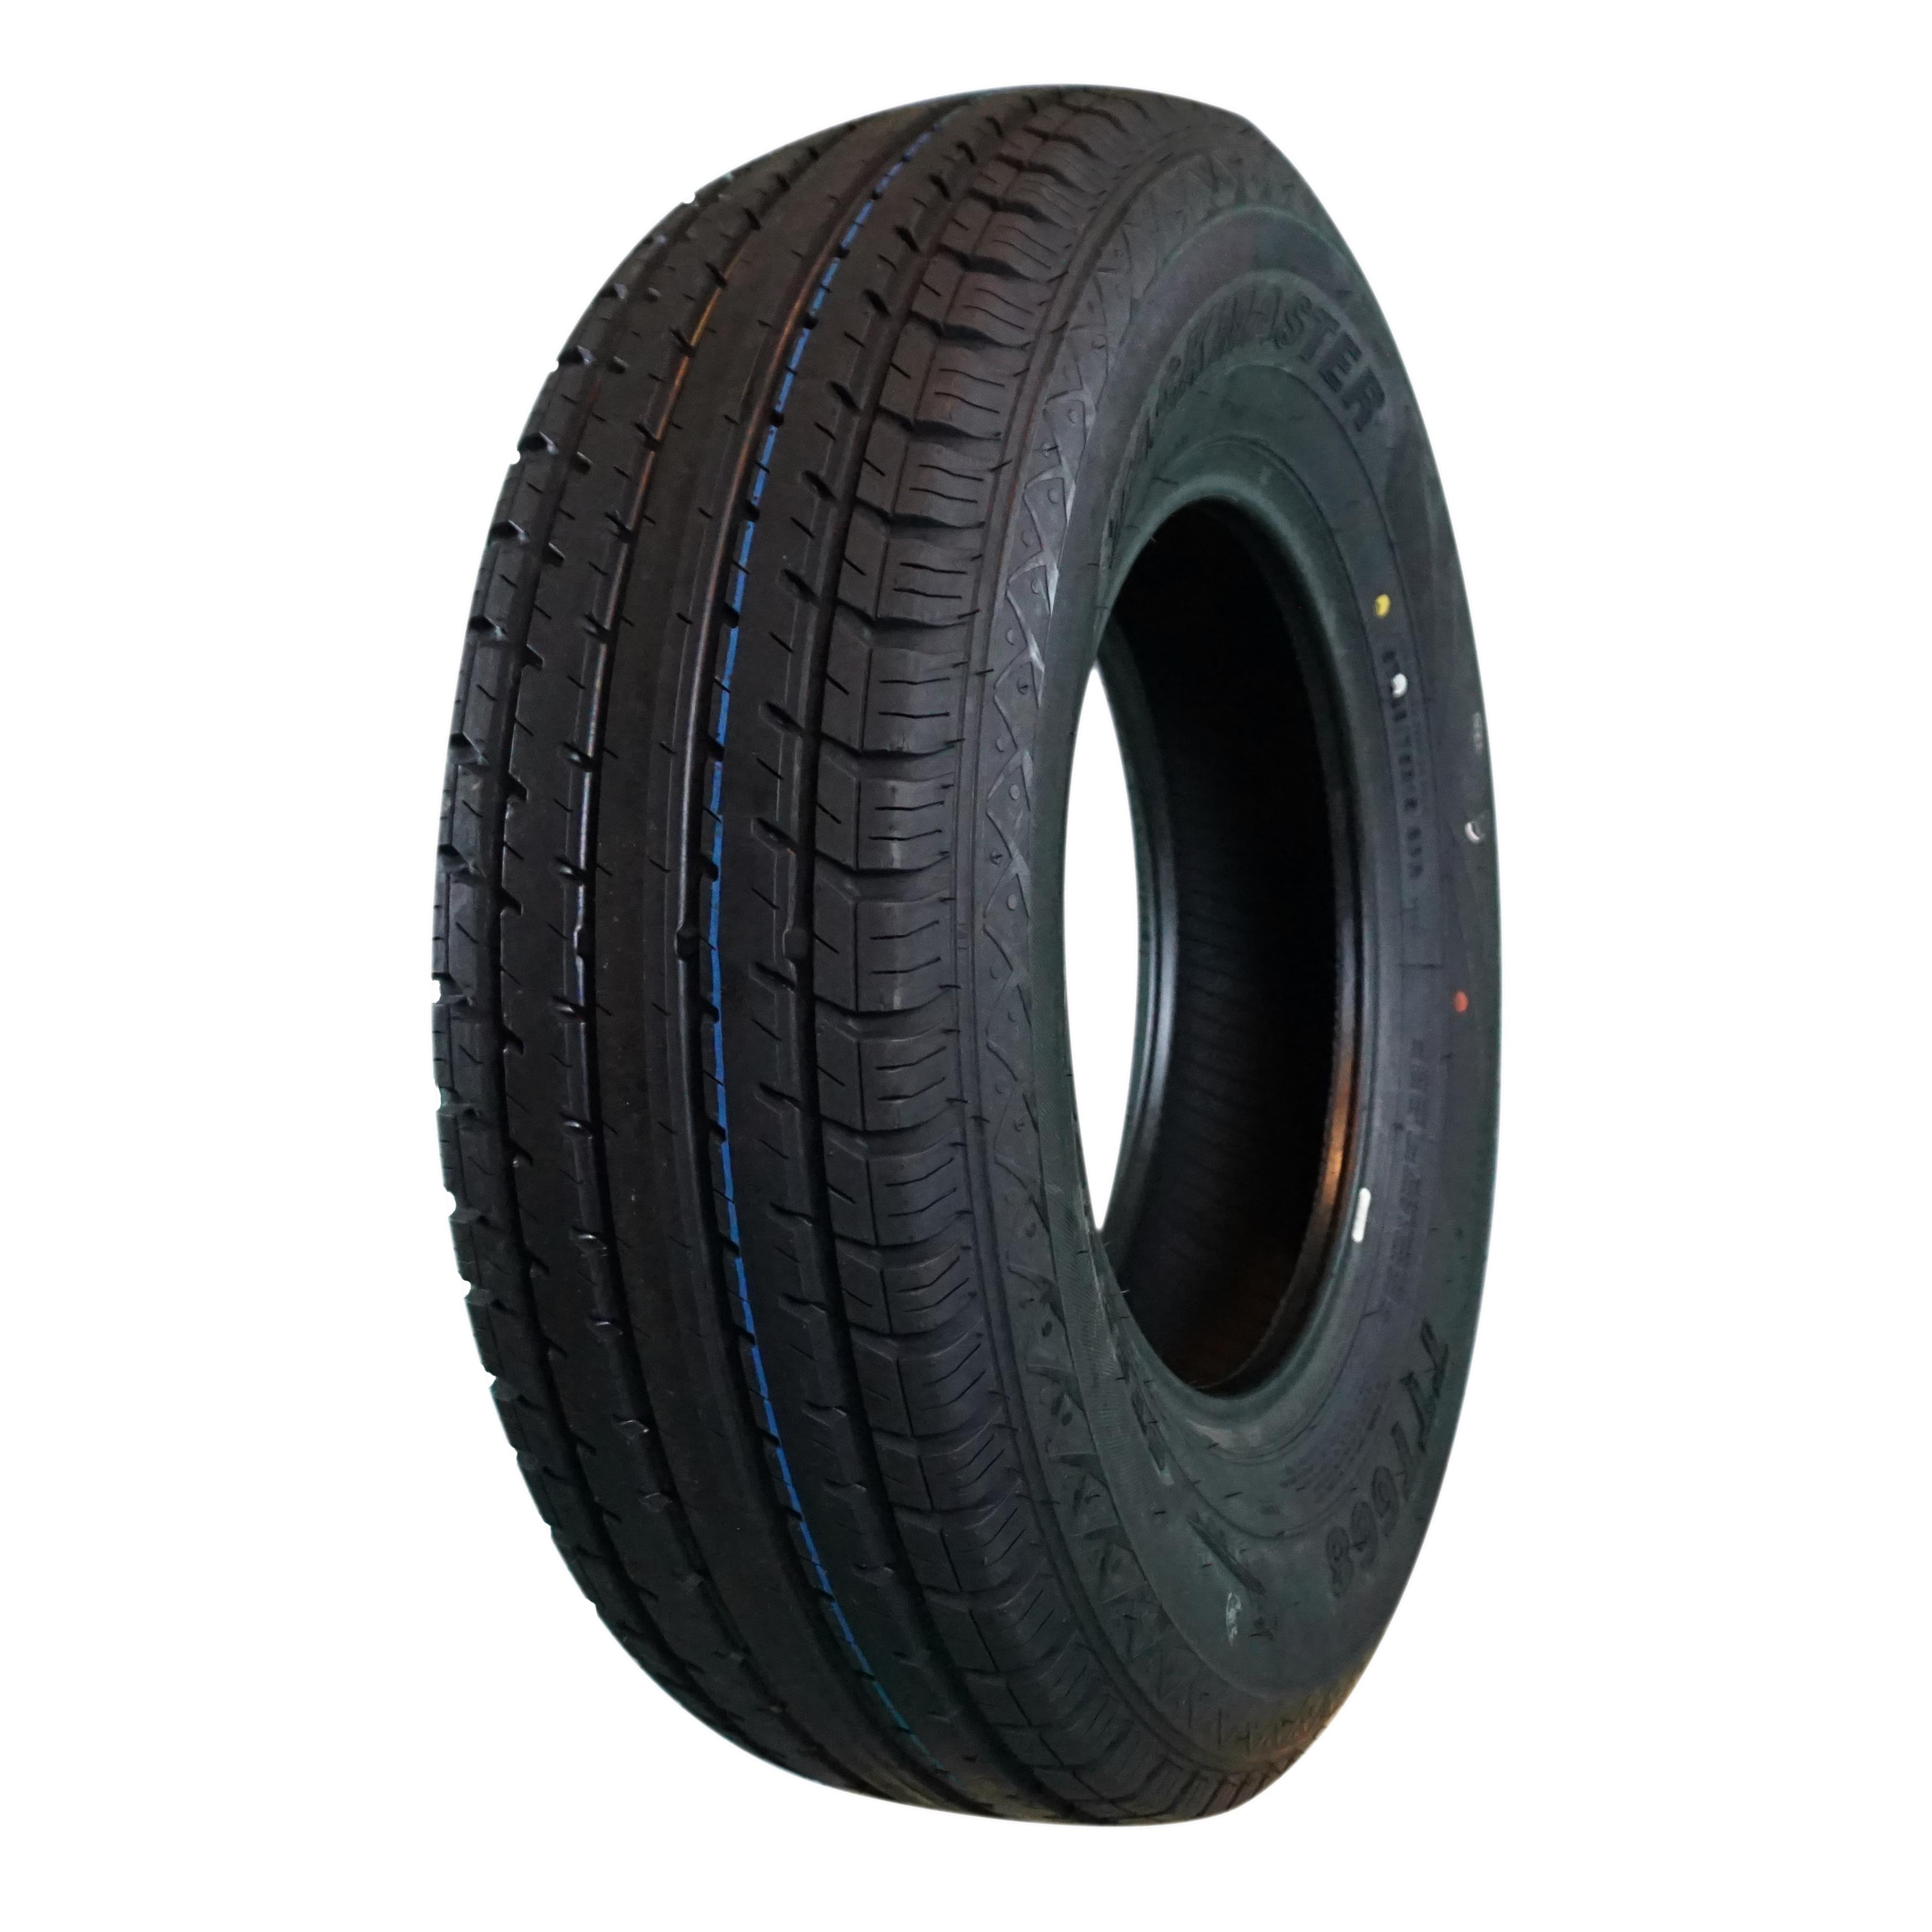 Taskmaster 668 St235 80r16 Load Range E Radial Trailer Tire